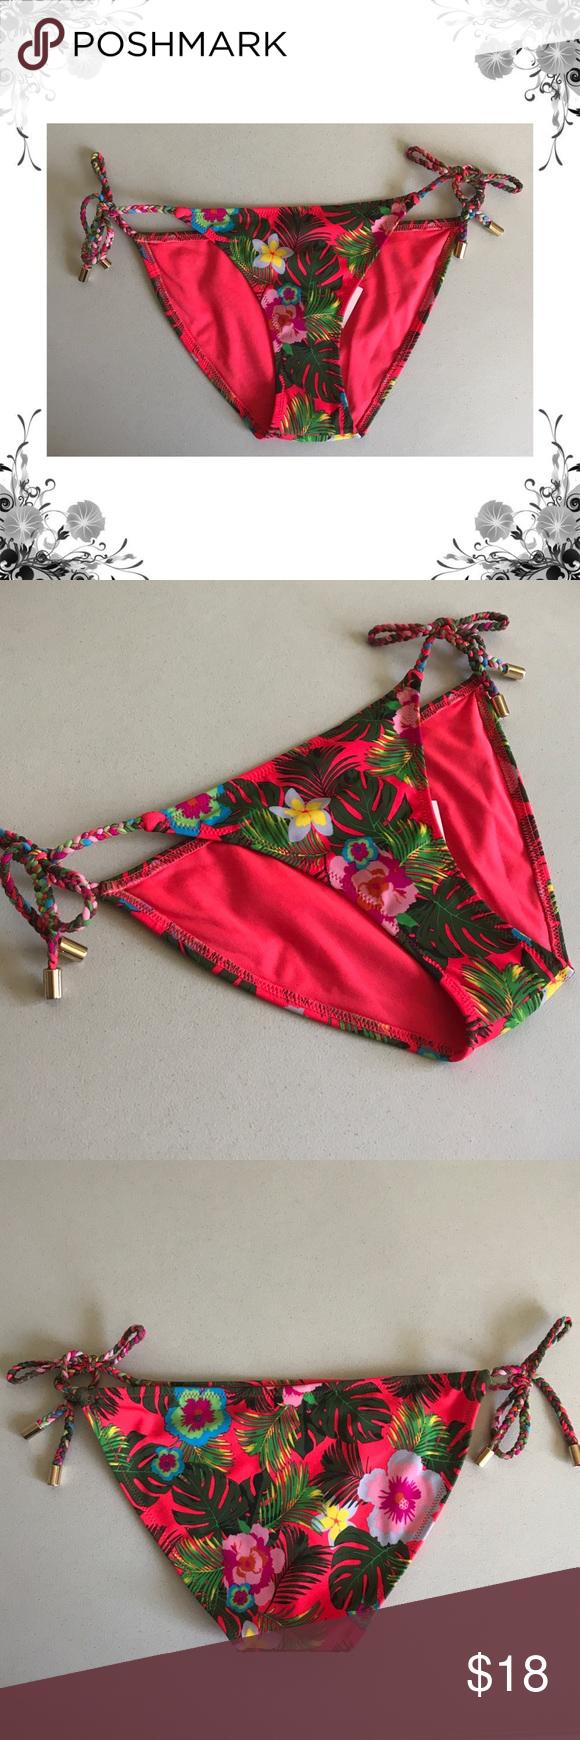 31dc6263262d6 TopShop  Floral Print Braided Bikini Bottoms NWT